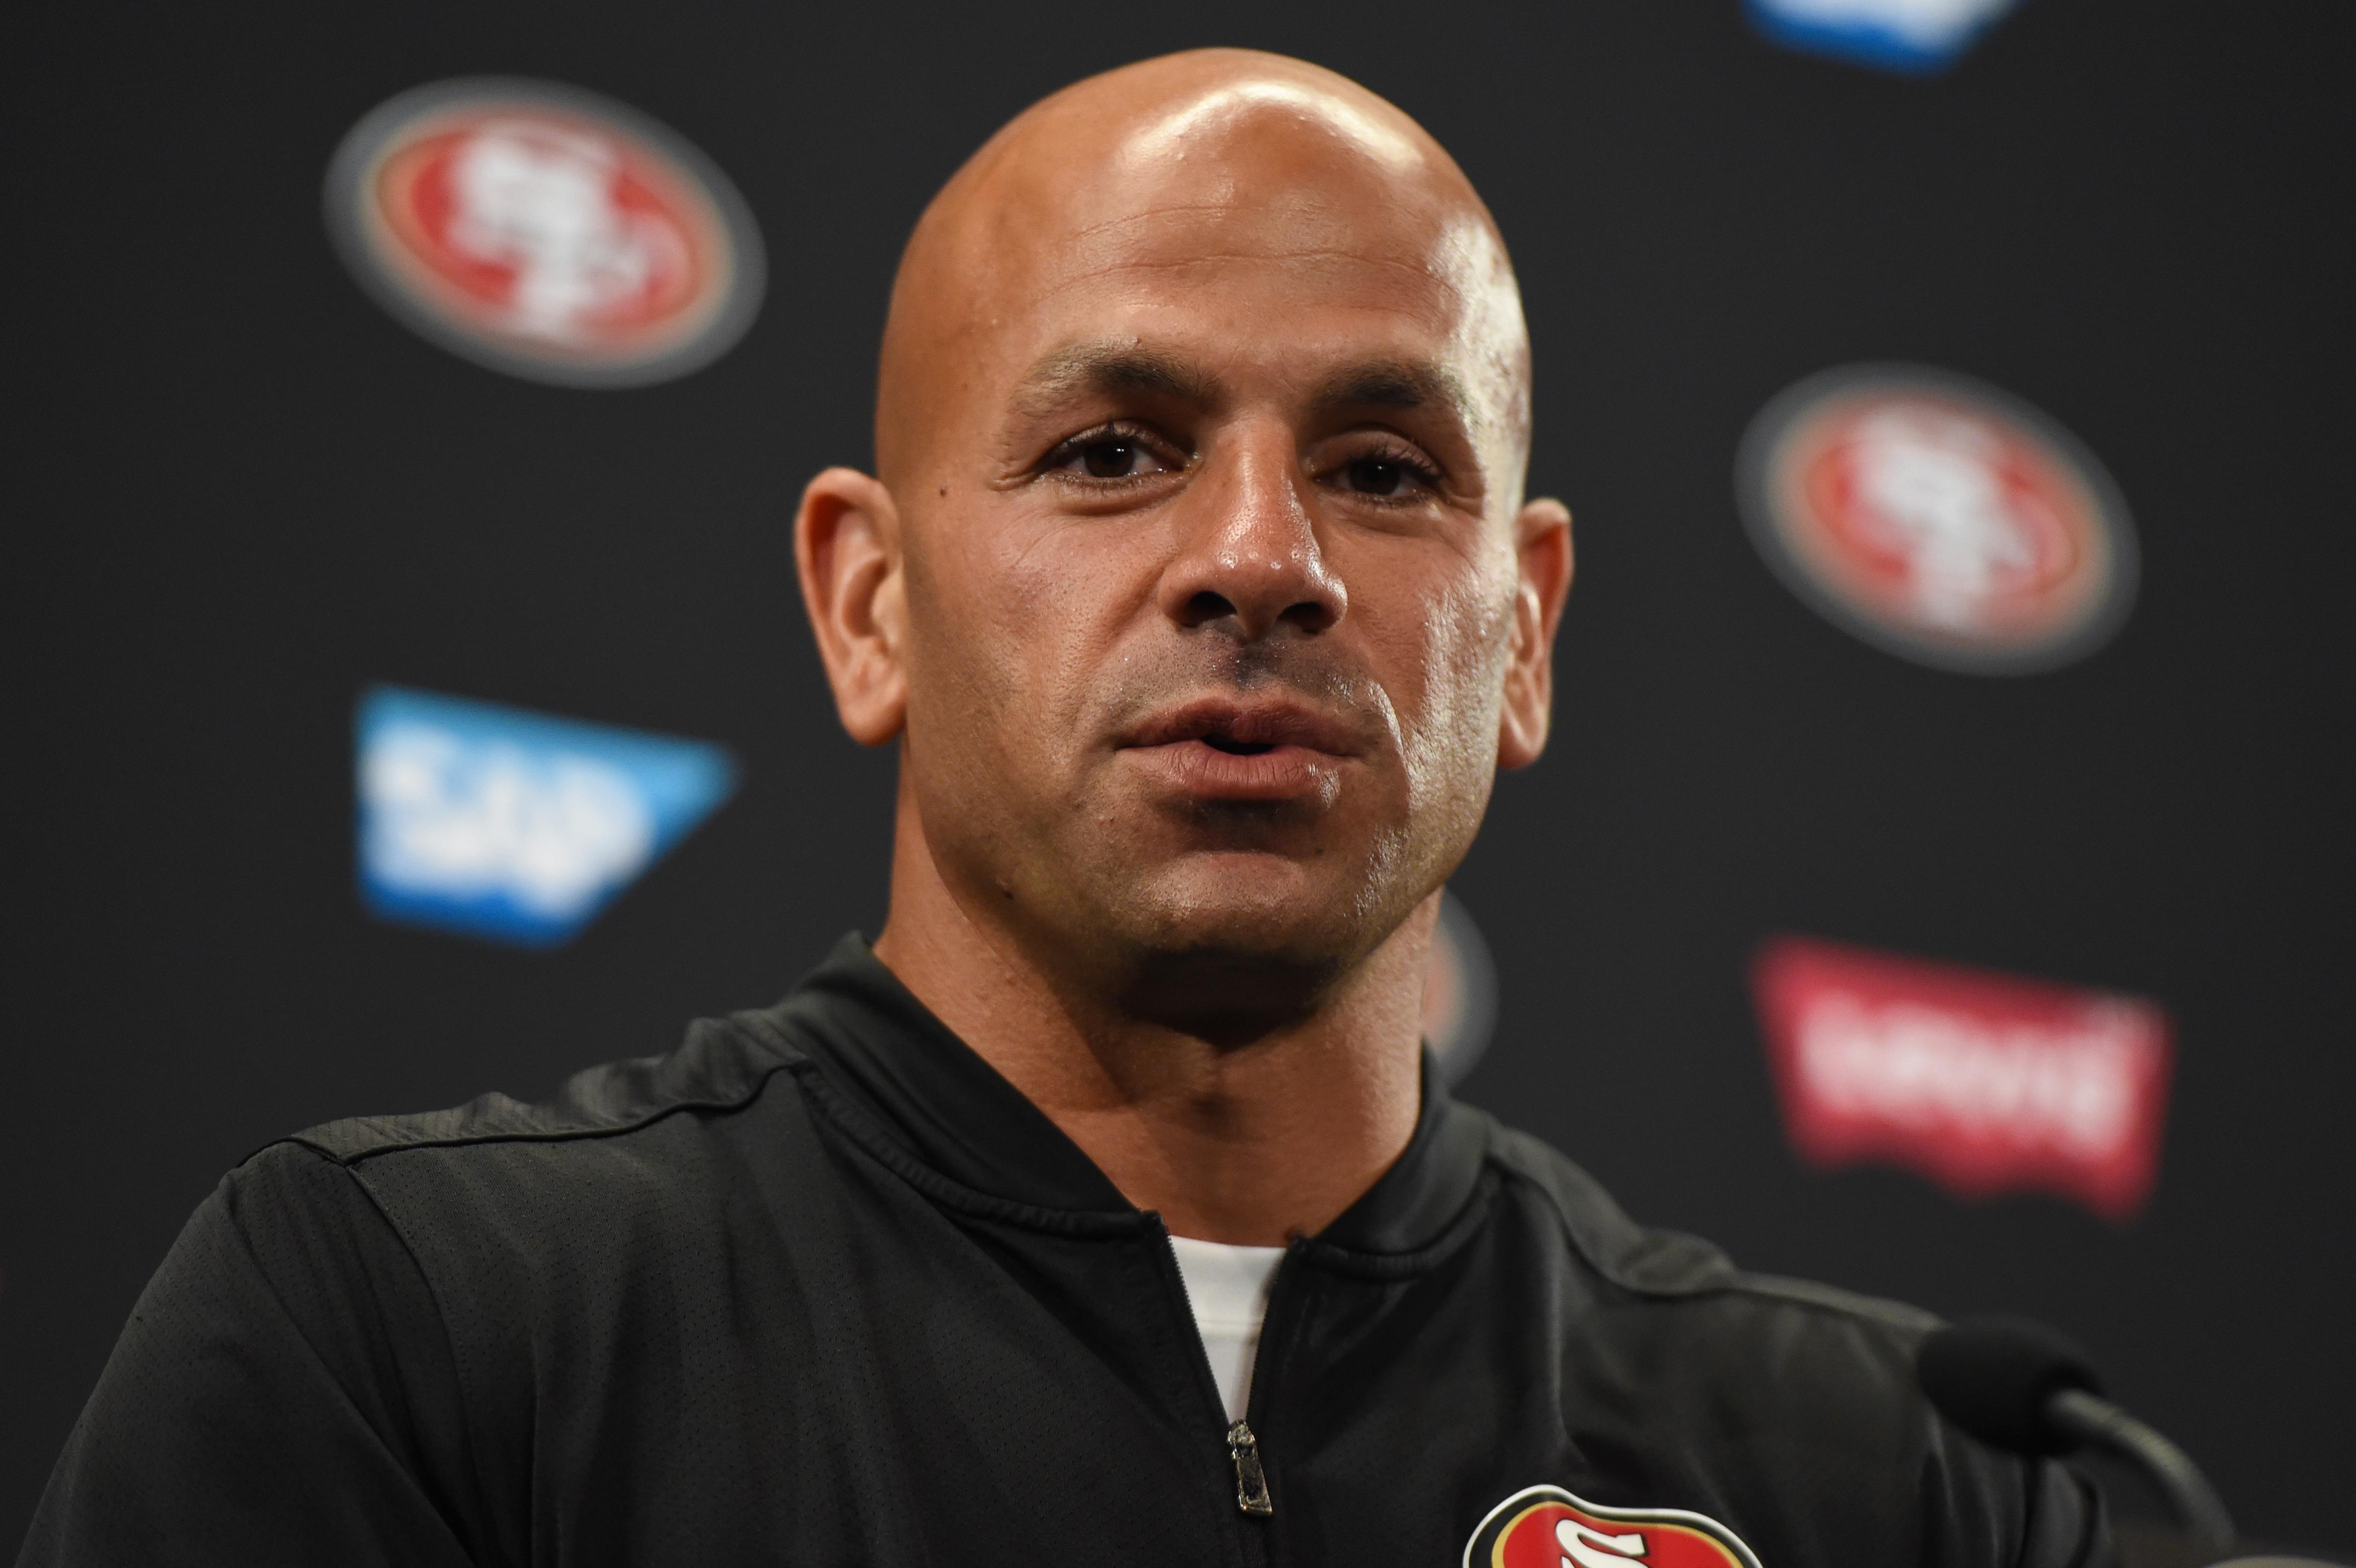 NFL: JUL 30 49ers Training Camp